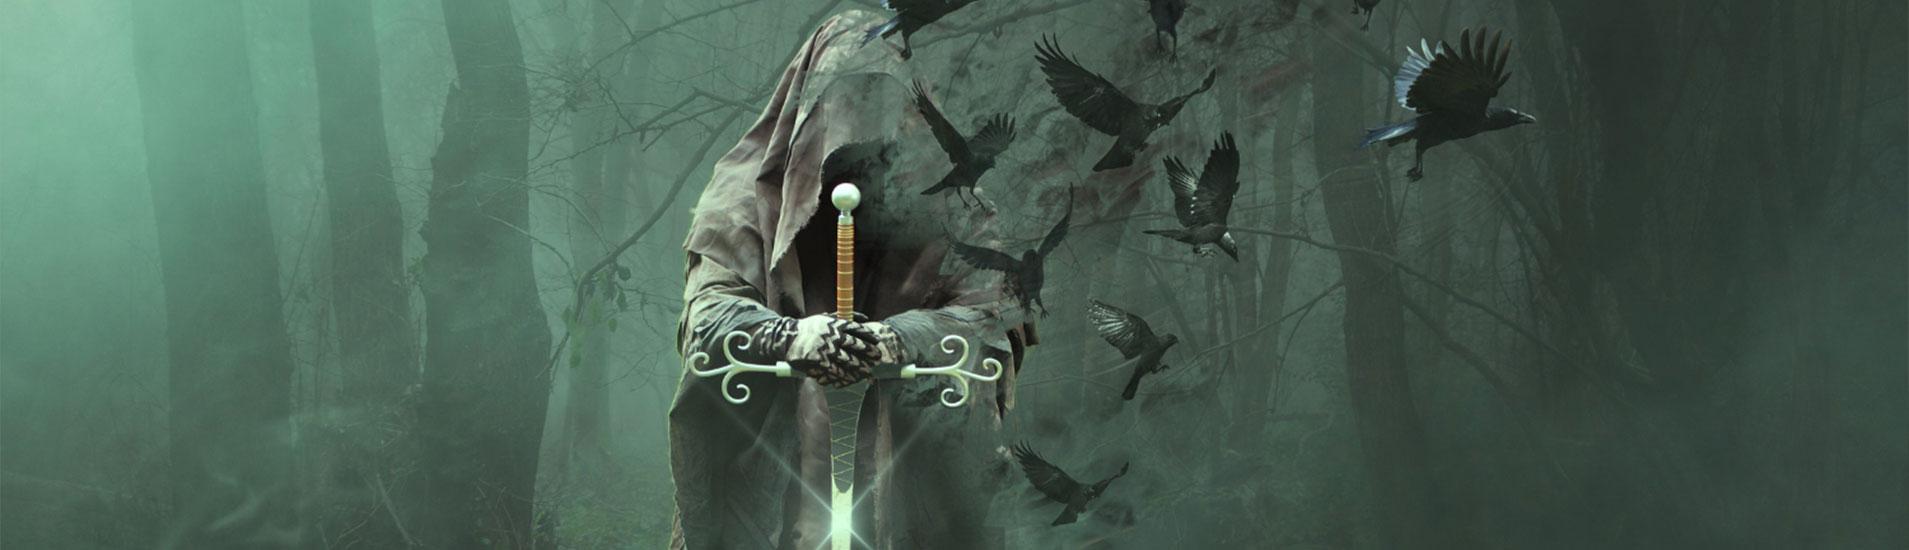 edel-elements-fantasy-banner